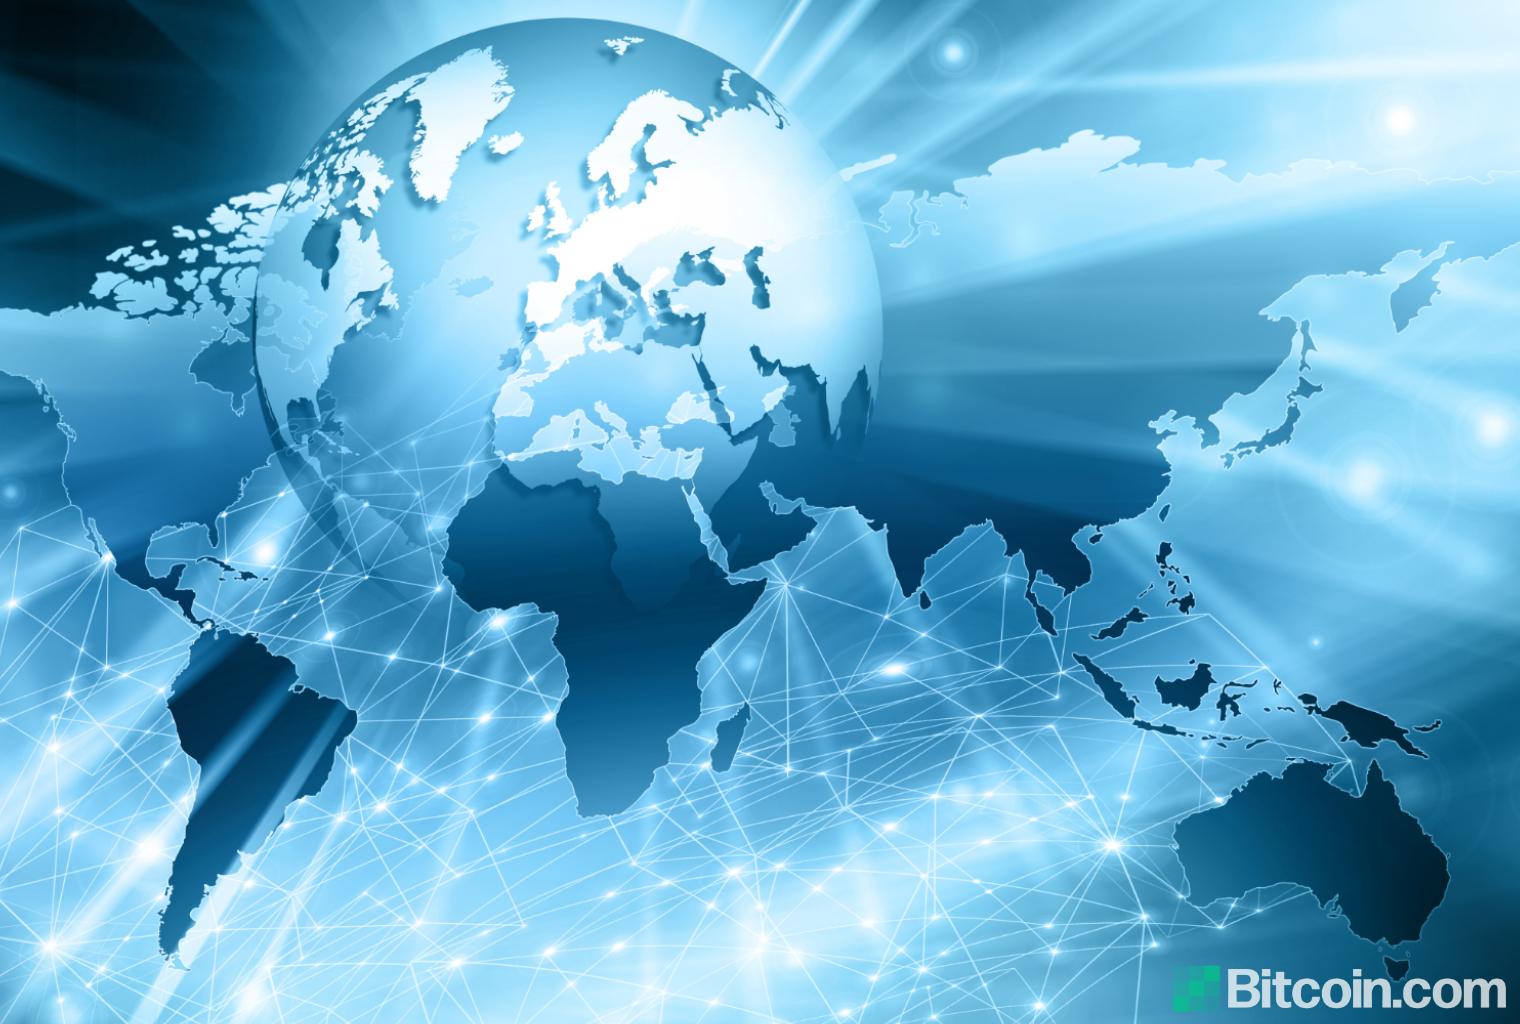 Roundup Regulasi: 10 Negara Secara Aktif Mengatur Cryptocurrency Meskipun Krisis Global